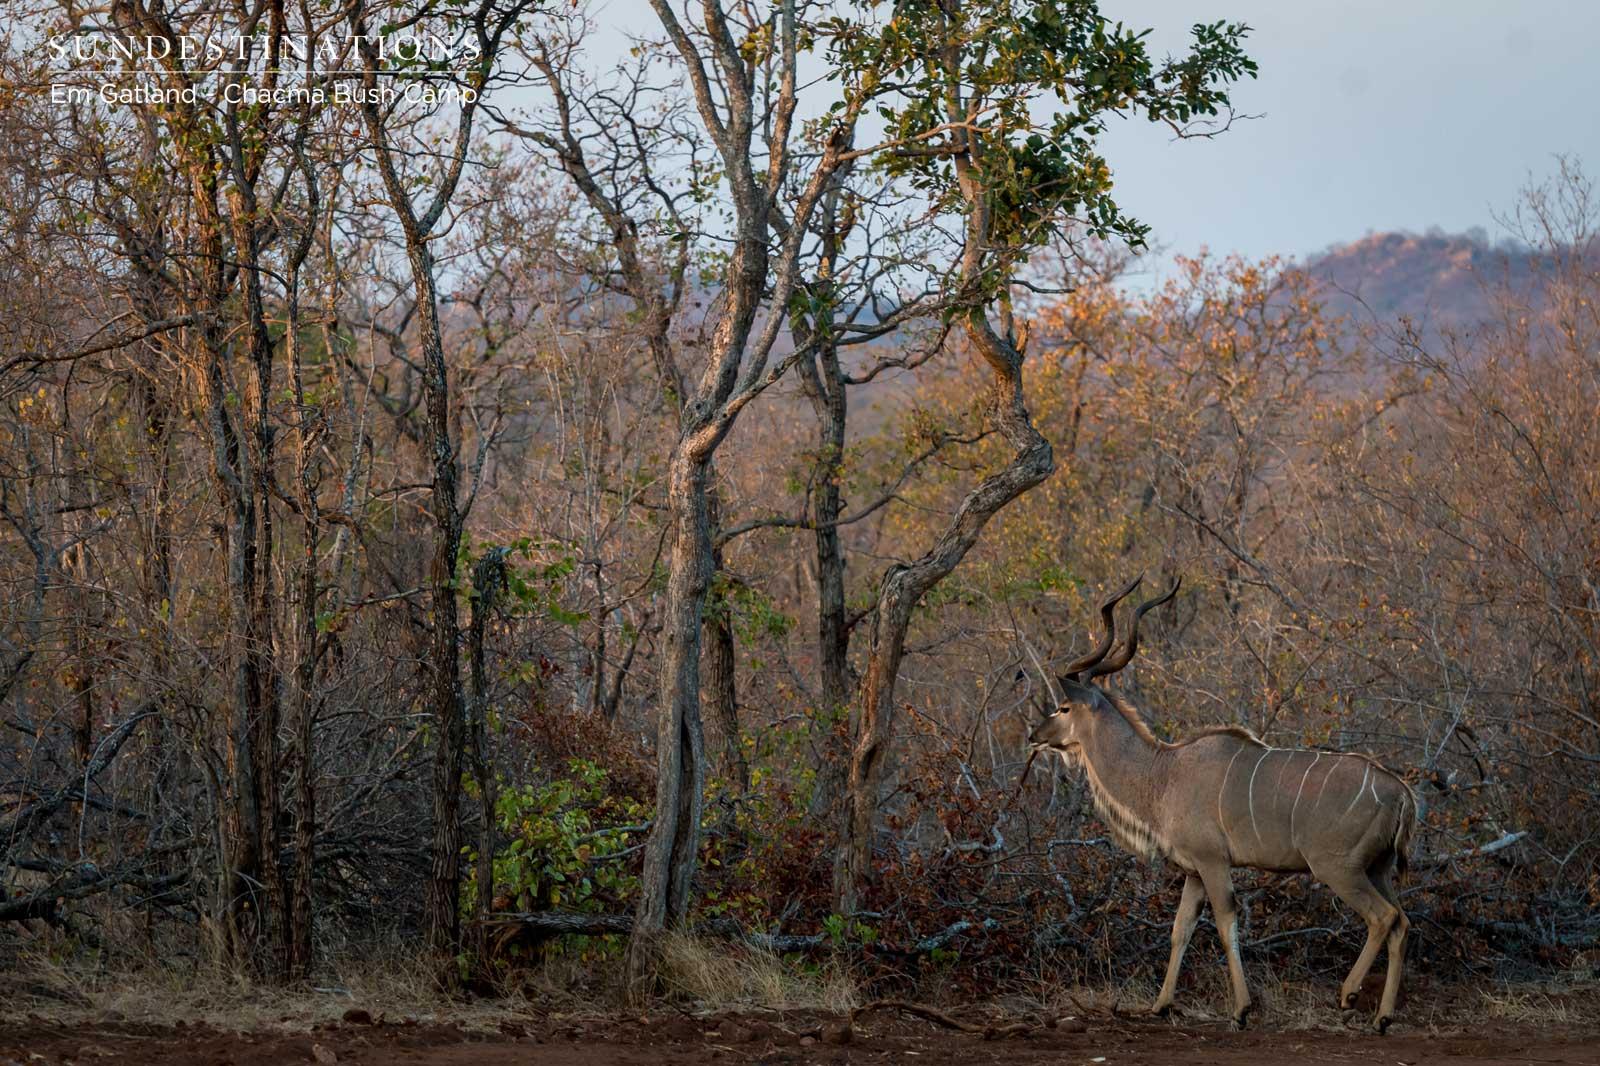 Chacma Kudu Bull